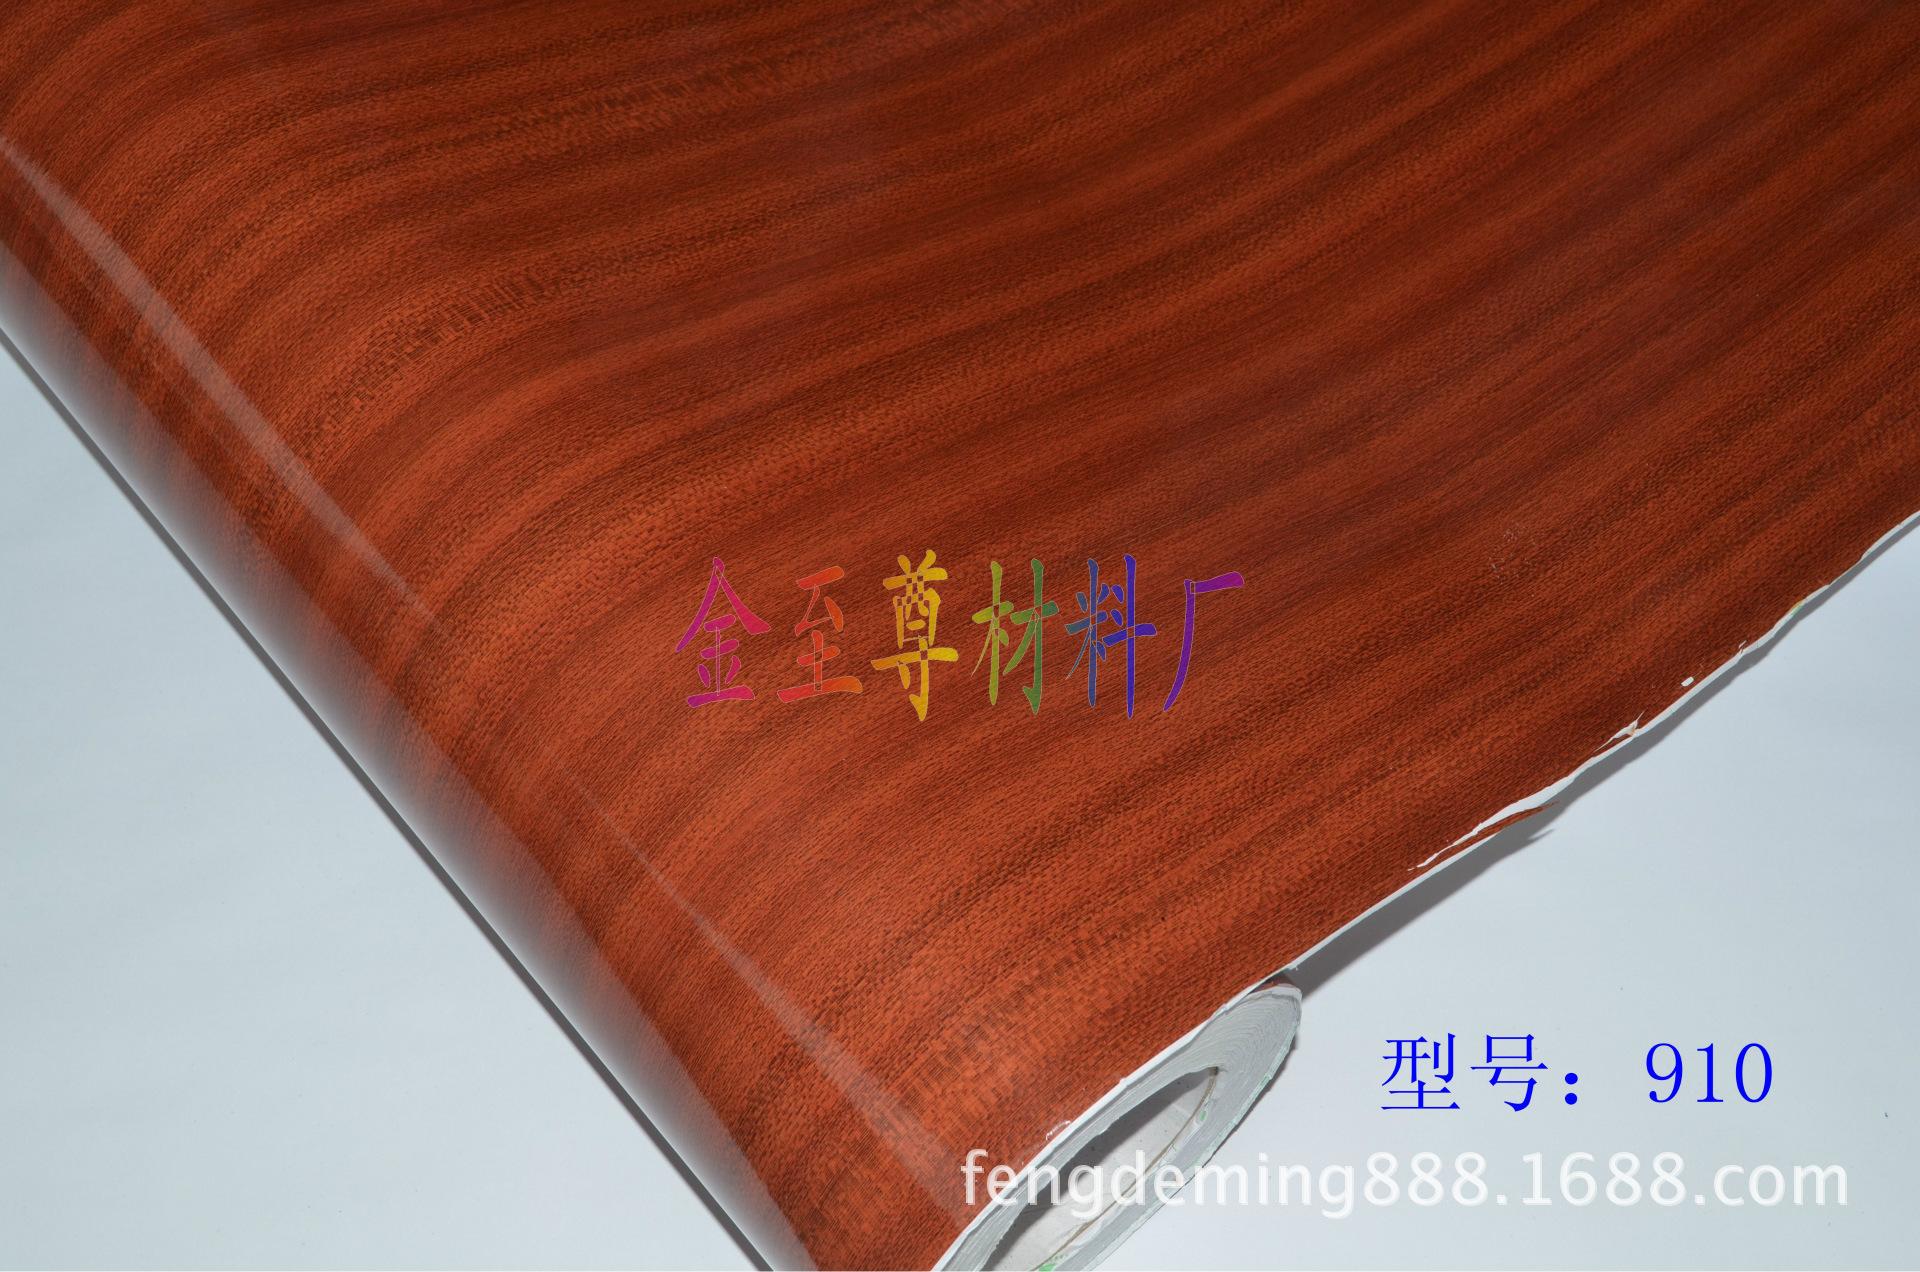 装饰材料 装饰 软片装饰材料 pvc装饰软片材料 阿里巴巴图片